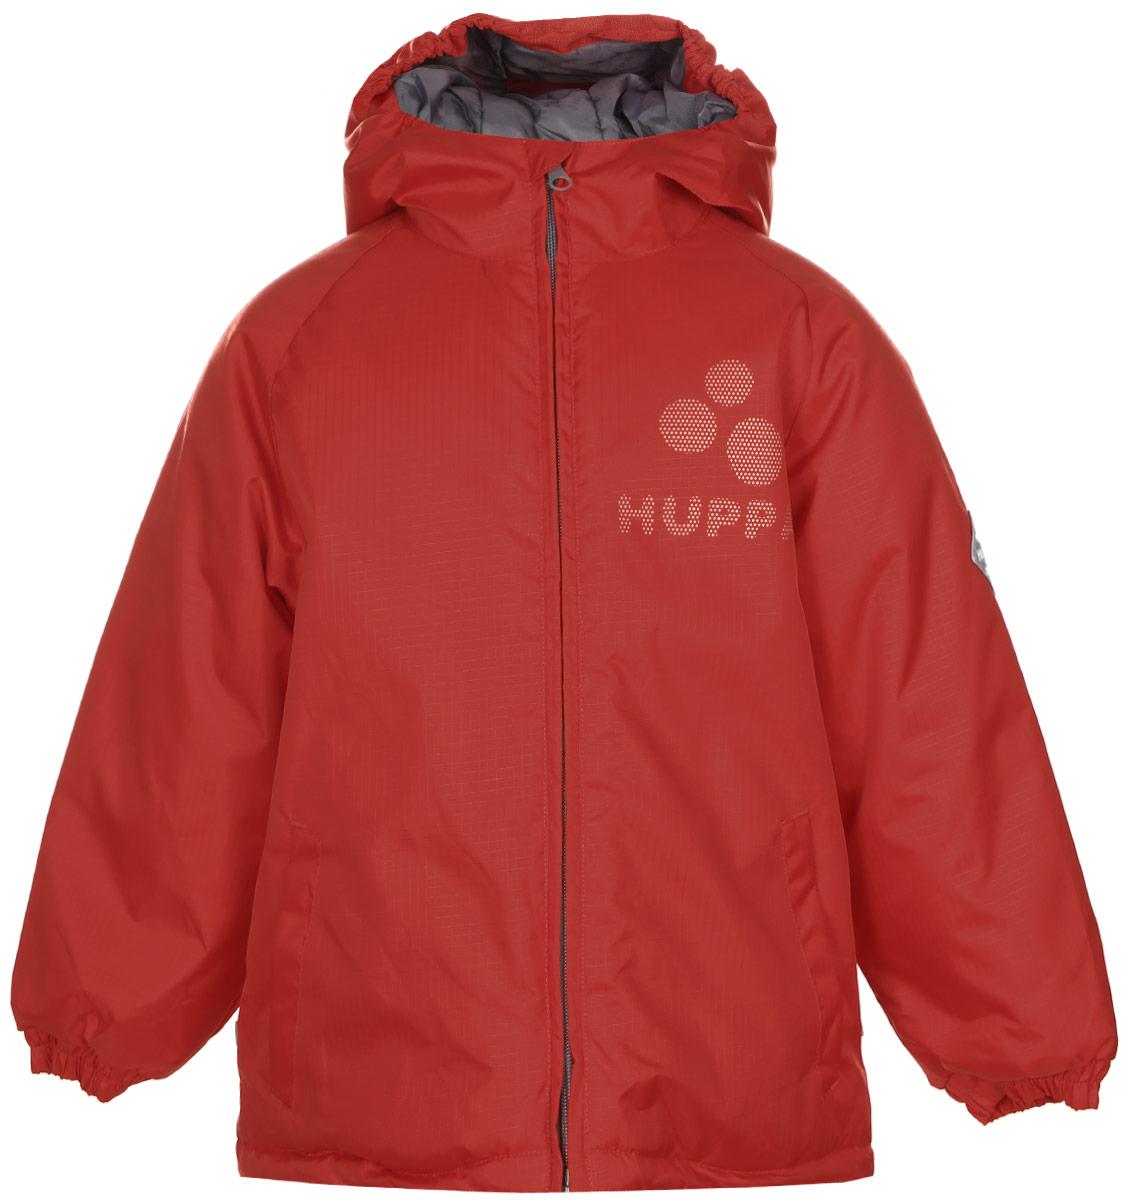 Куртка детская Huppa Classy, цвет: красный. 17710030-004. Размер 11617710030-004Яркая детская куртка Huppa Classy идеально подойдет для ребенка в прохладное время года. Куртка изготовлена из водоотталкивающей и ветрозащитной ткани и утеплена синтепоном (100% полиэстер). В качестве подкладки также используется полиэстер. Куртка с капюшоном застегивается на пластиковую застежку-молнию и дополнительно имеет внутренний ветрозащитный клапан, а также защиту подбородка. По краю капюшон дополнен эластичными вставками. Низ рукавов обработан манжетами на резинках. Модель спереди дополнена втачными карманами. Куртка спереди и сзади оформлена светоотражающими элементами в виде названия бреда. На левом рукаве расположена небольшая нашивка с названием бренда. В такой куртке ваш ребенок будет чувствовать себя комфортно, уютно и всегда будет в центре внимания!